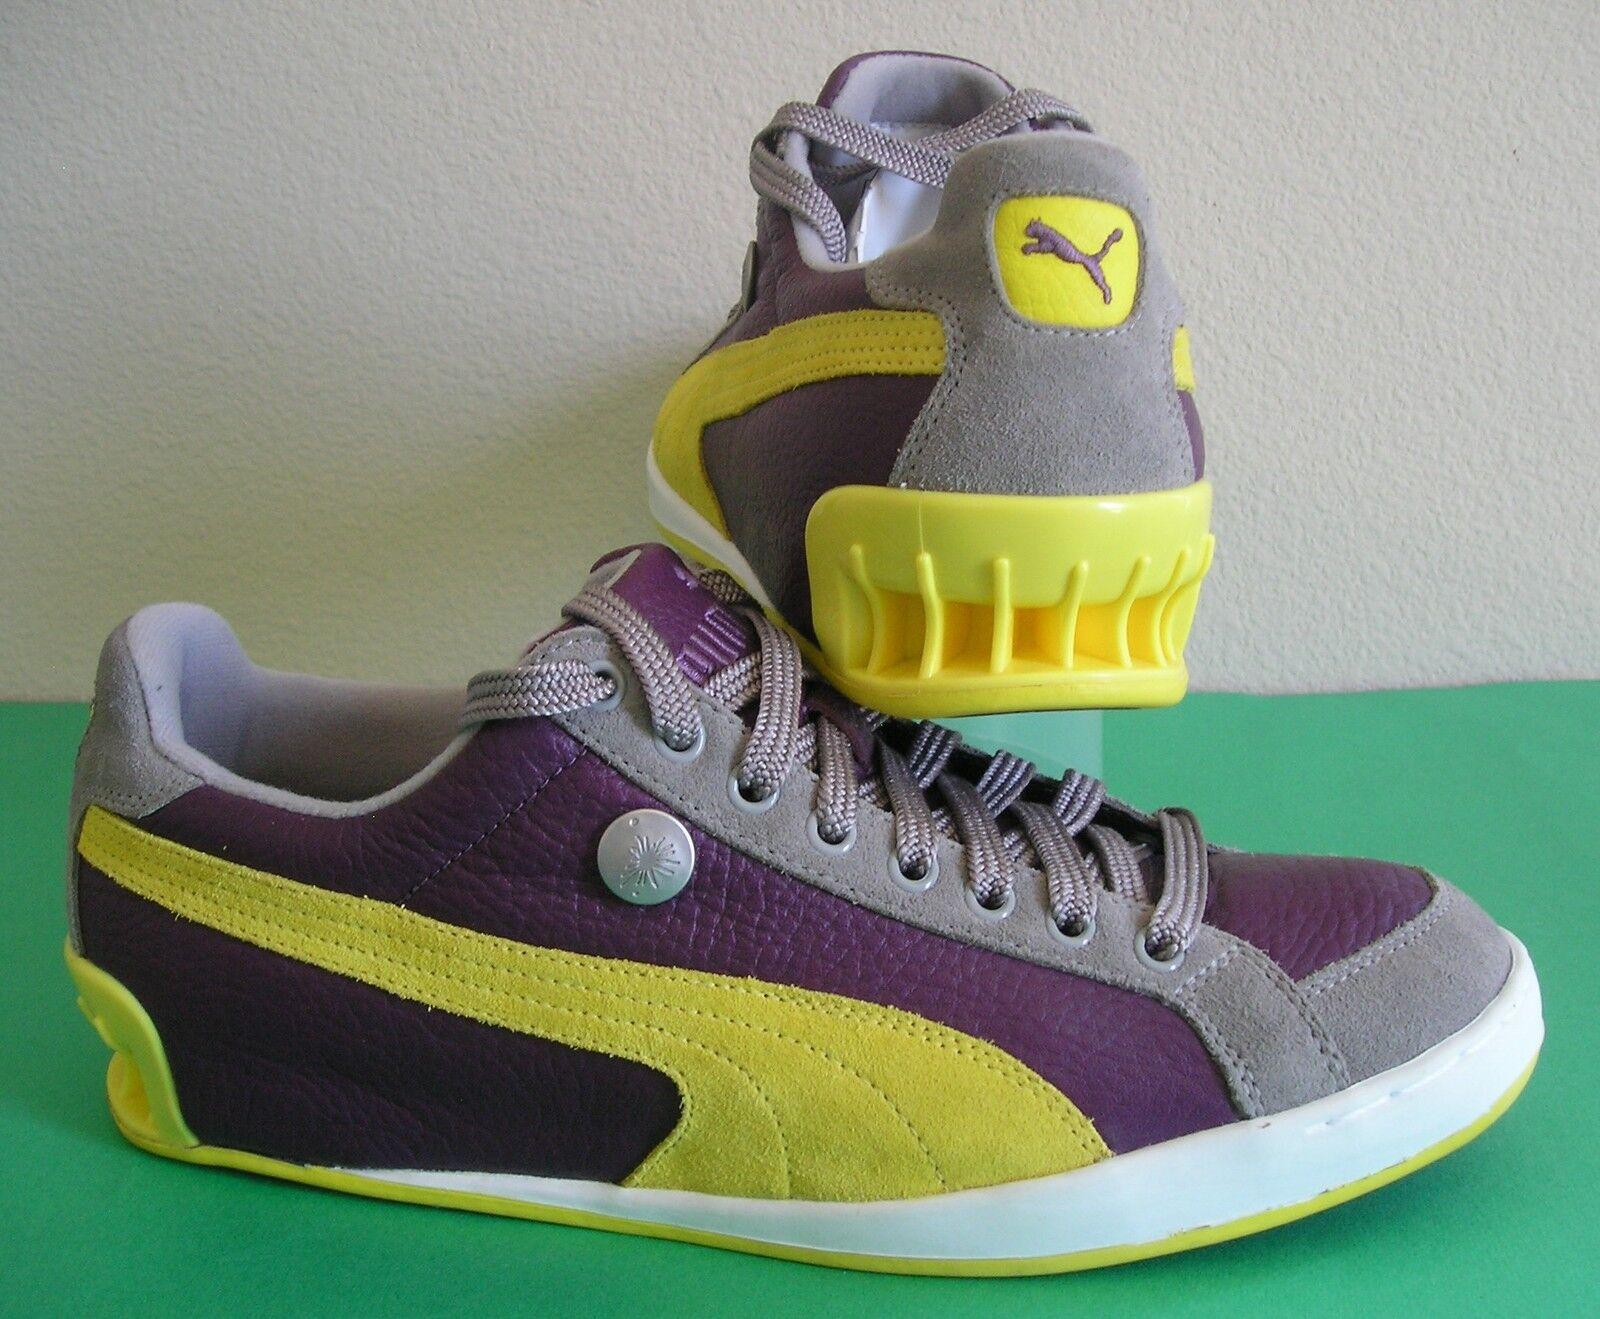 Zapatos común  de Cuero poco común Zapatos ~ Mihara Yasuhiro Furio Puma MY20 ~ Gato Zapatillas de velocidad futuro ~ 7.5 6efdf2